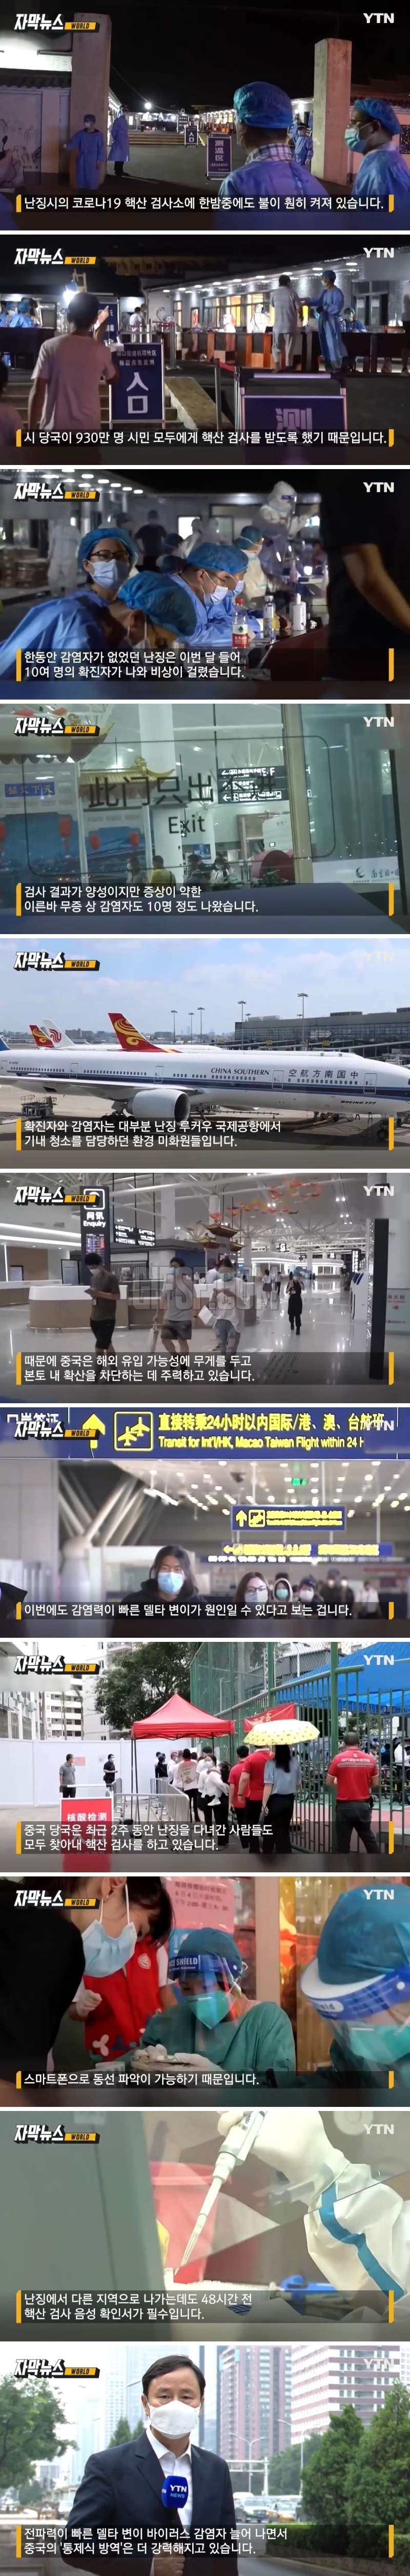 930만 명이 한꺼번에.중국의 ',상상초월', 코로나 검사 현장.jpg